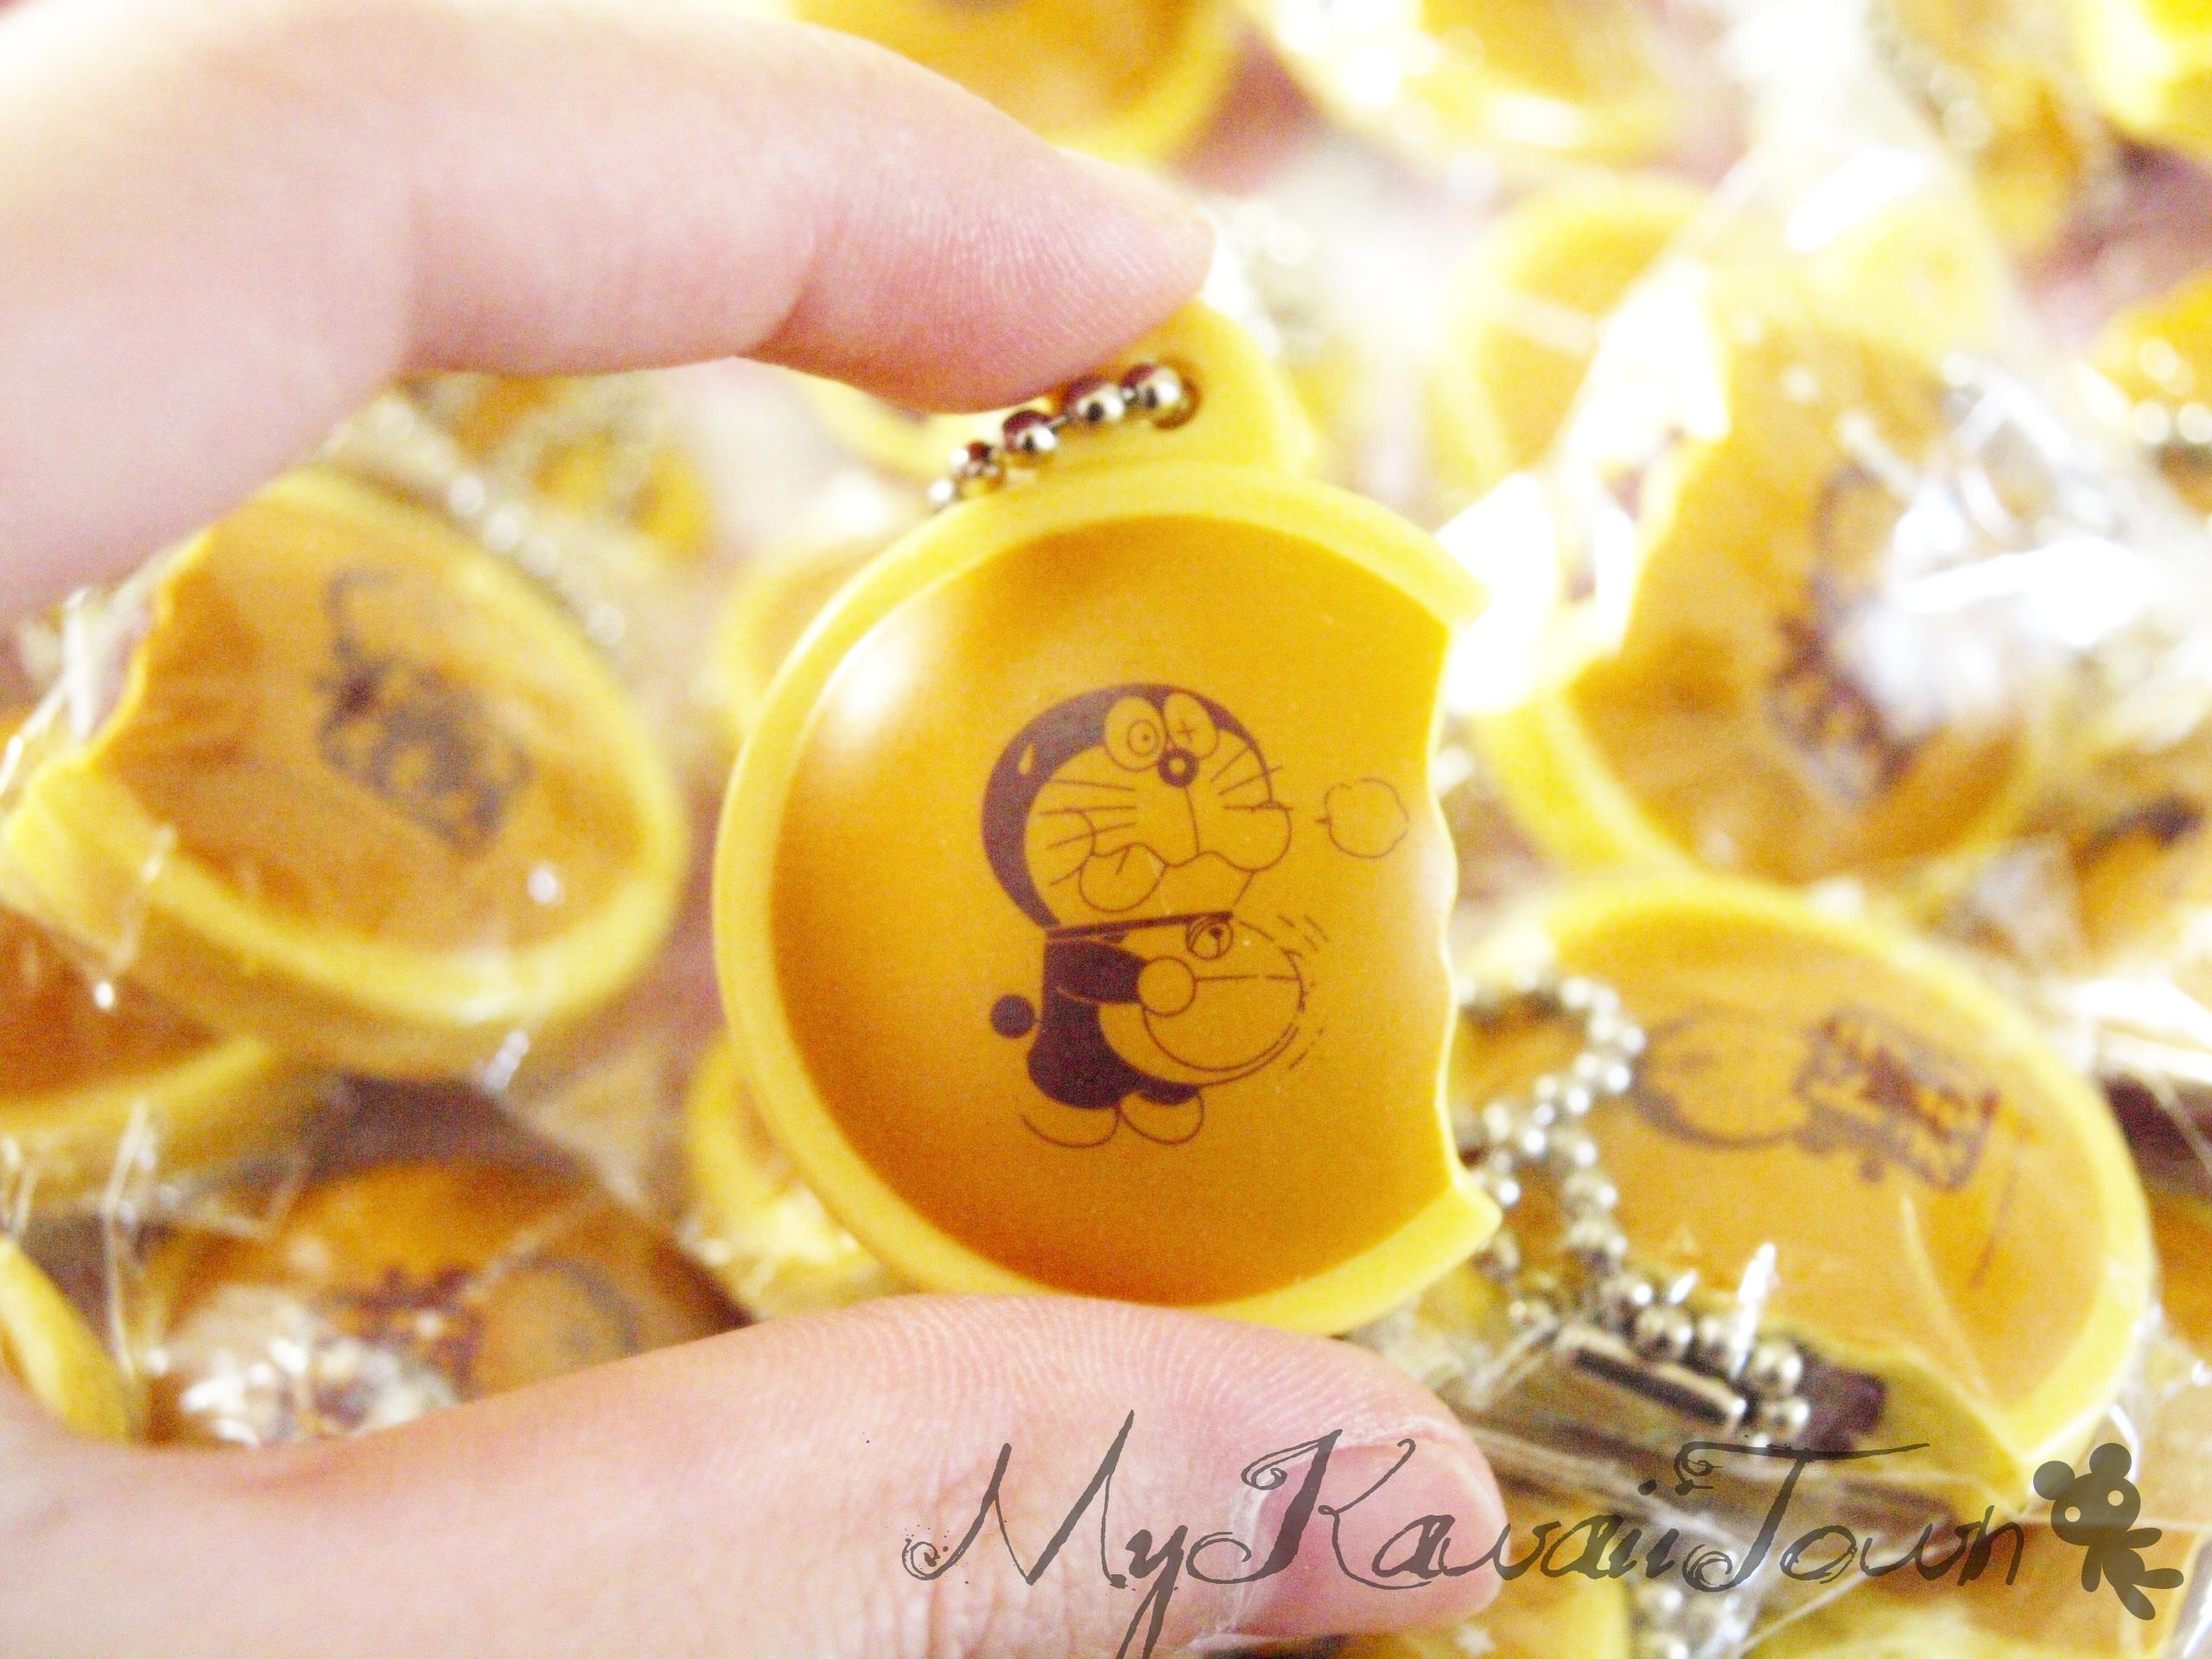 Doraemon Dorayaki Squishy : Mykawaiitown Squishy Doraemon Dorayaki Squeeze Toy Online Store Powered by Storenvy